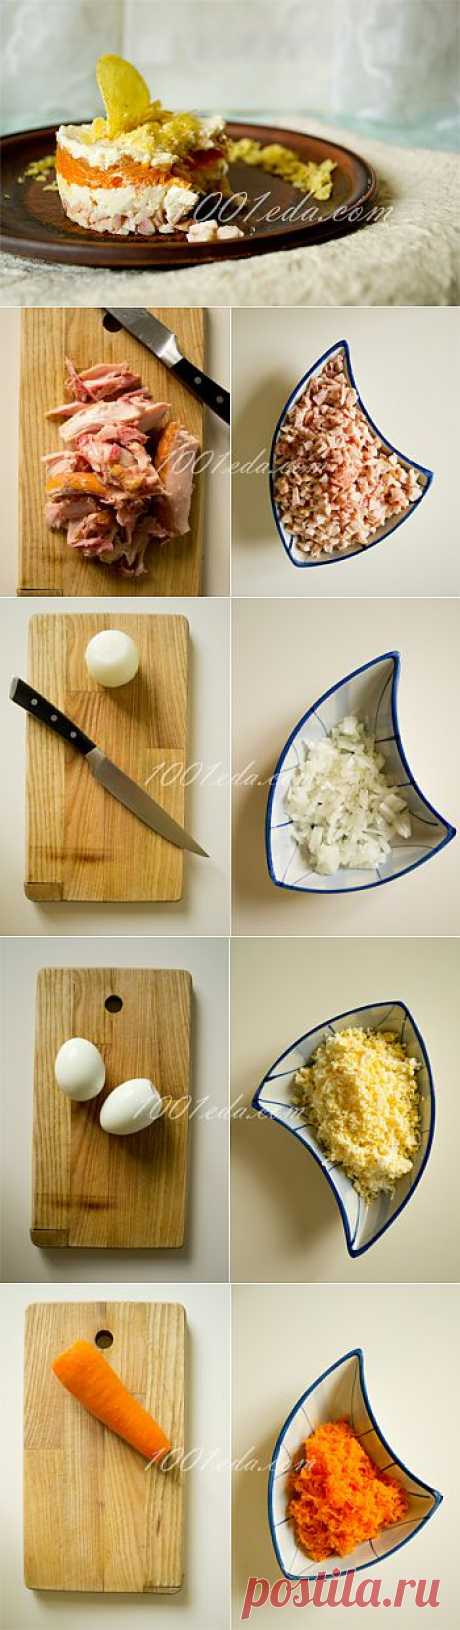 Рецепт куриного салата с чипсами - Салат с курицей . 1001 ЕДА вкусные рецепты с фото!